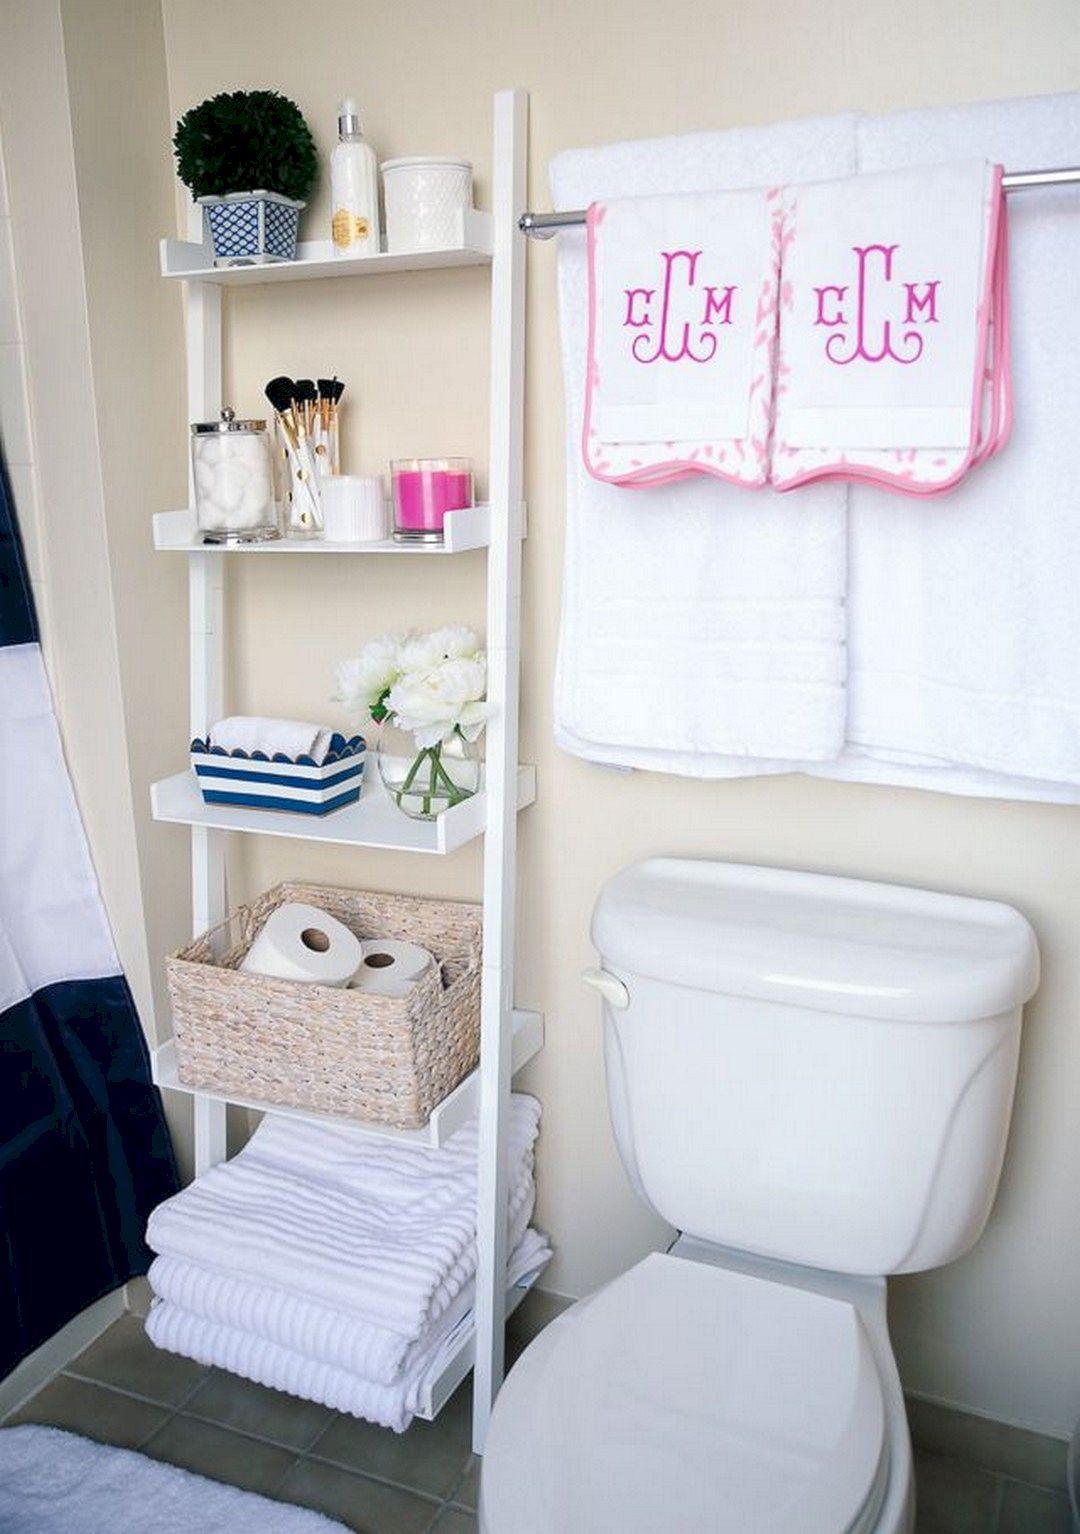 40 Creative Bathroom Decor Ideas On A Budget Gorgeous Interior